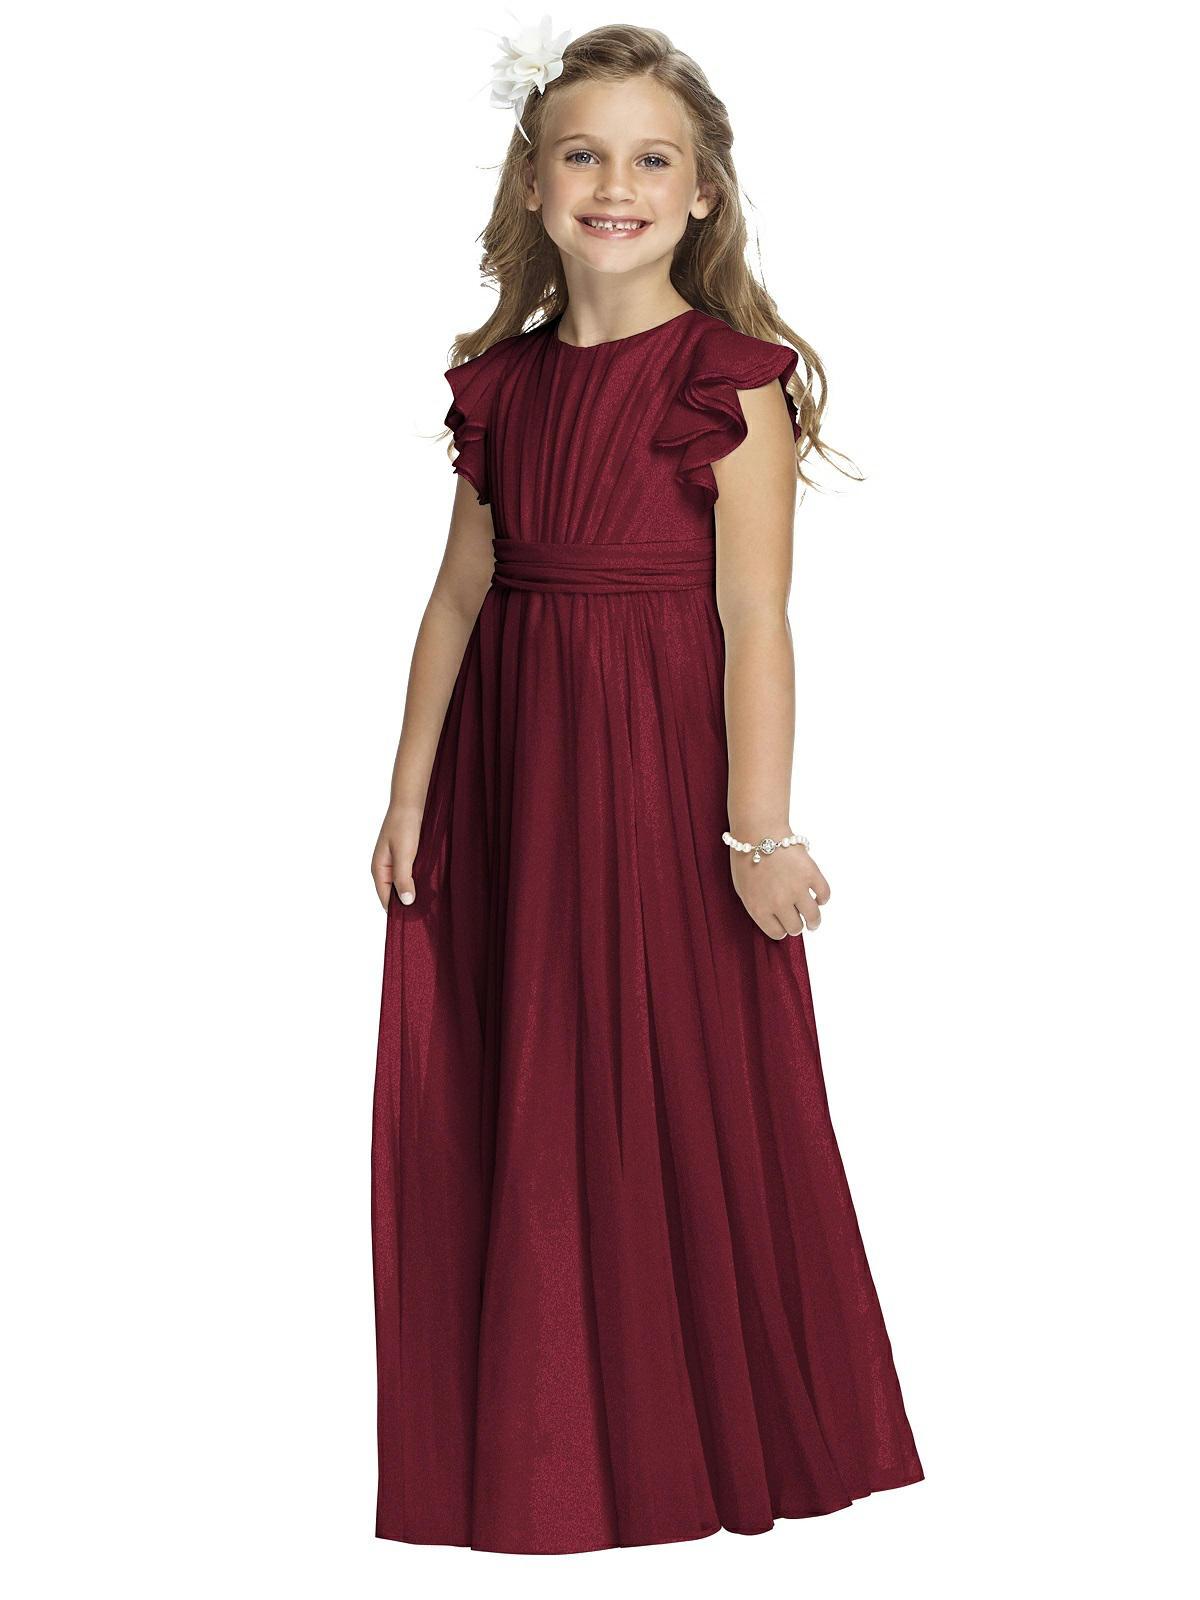 55d6989dcb88 Dessy Flower Girl Shimmer Dress FL4038LS - Lux Shimmer